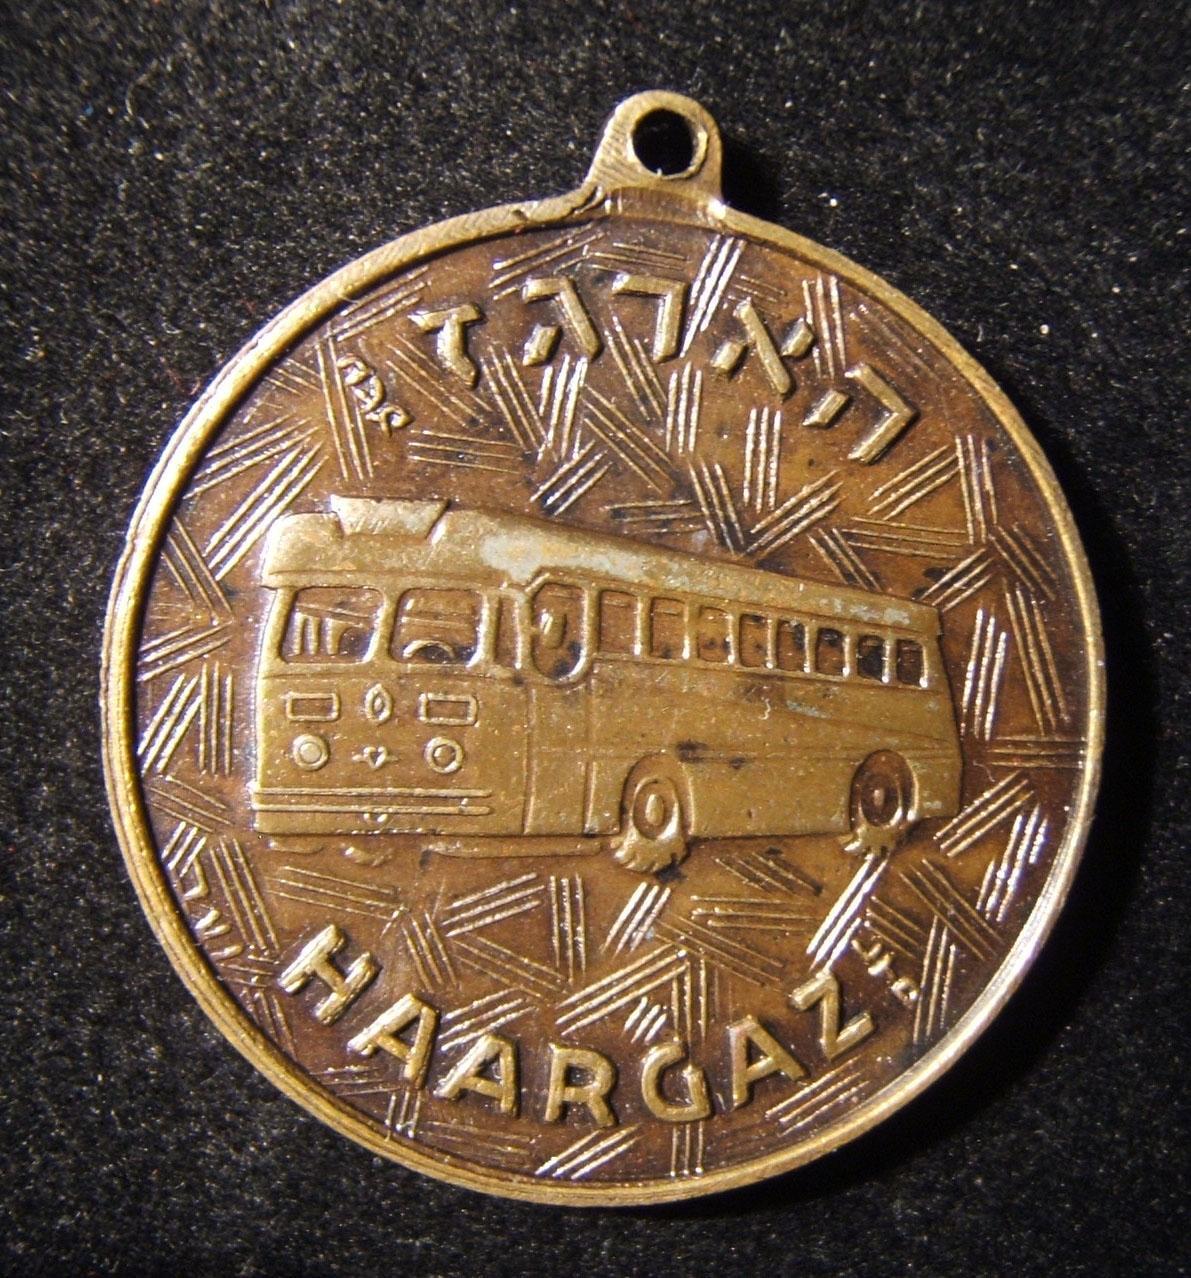 عمل تجاري إسرائيلي في الآونة الأخيرة من شركة Ha'argaz لتصنيع الحافلات ، أواخر عام 1950 - 1960